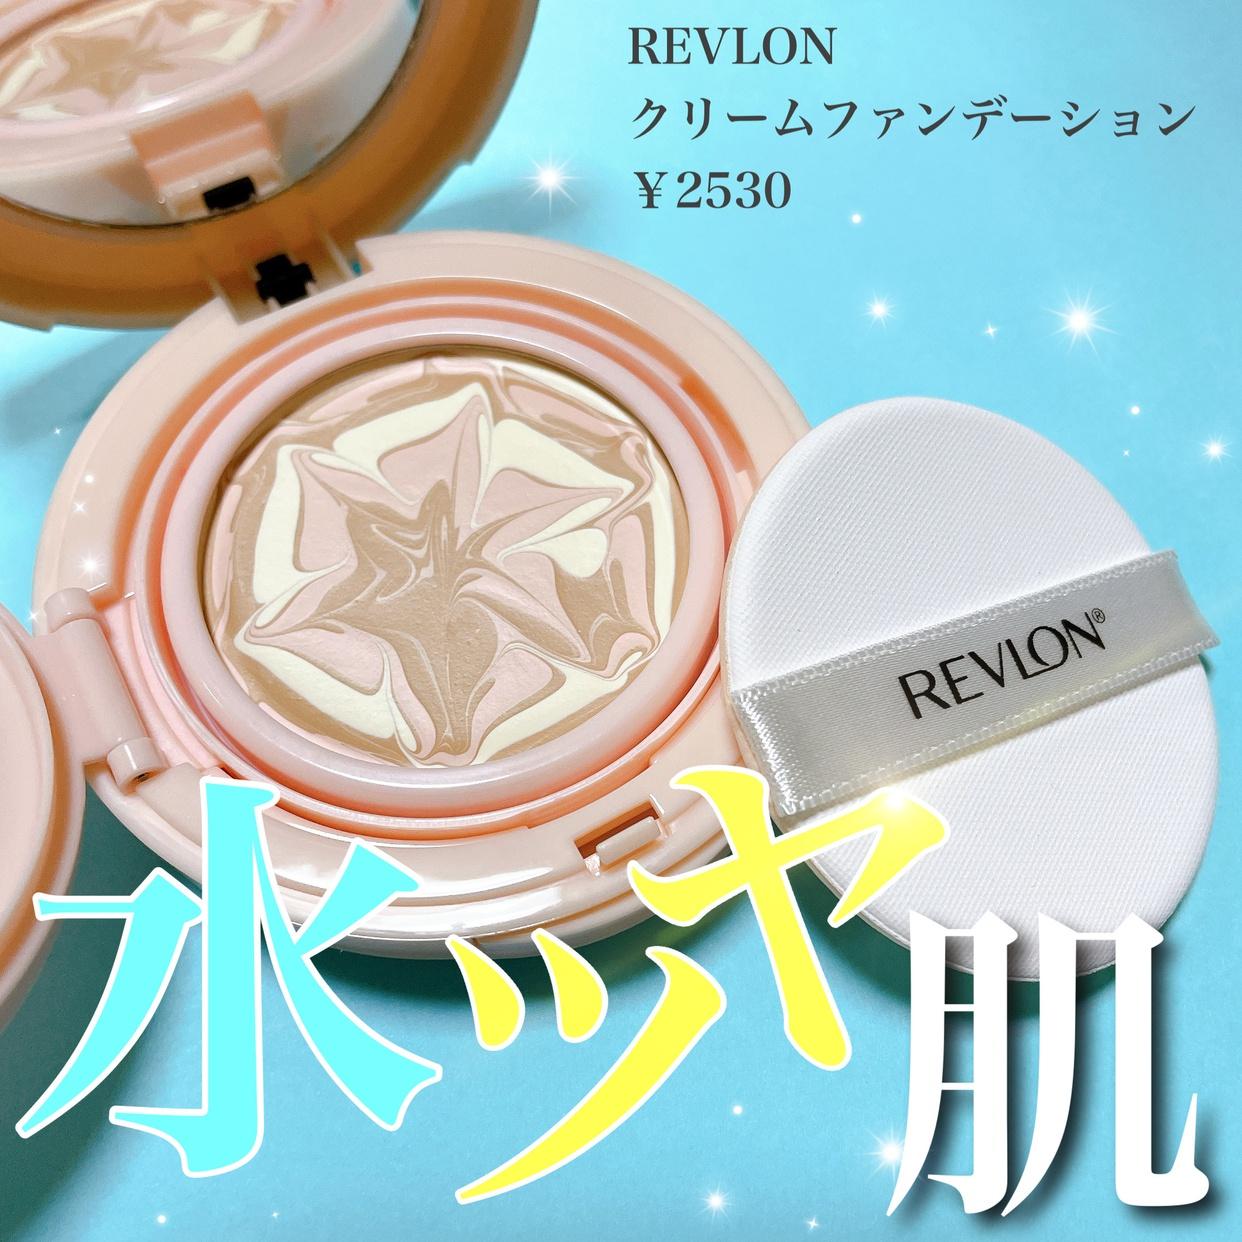 REVLON(レブロン) フォトレディ キャンディッド ウォーターを使ったここあさんのクチコミ画像